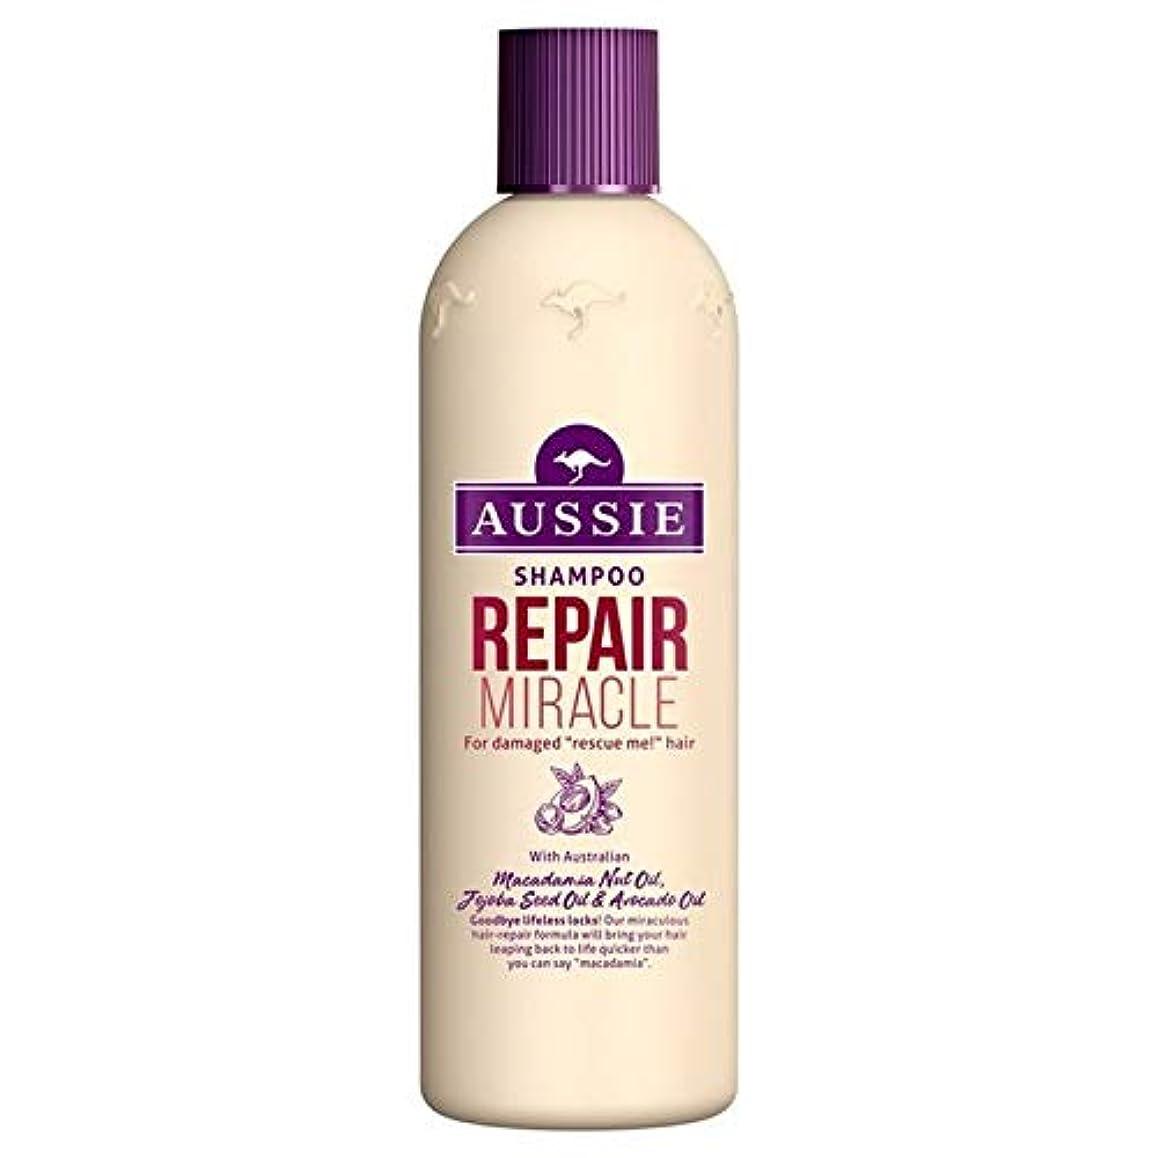 純粋な藤色コモランマ[Aussie ] いたずらな髪の300ミリリットルのすべての種類のオージーシャンプーの修理の奇跡 - Aussie Shampoo Repair Miracle for All Kinds of Naughty Hair 300ml [並行輸入品]